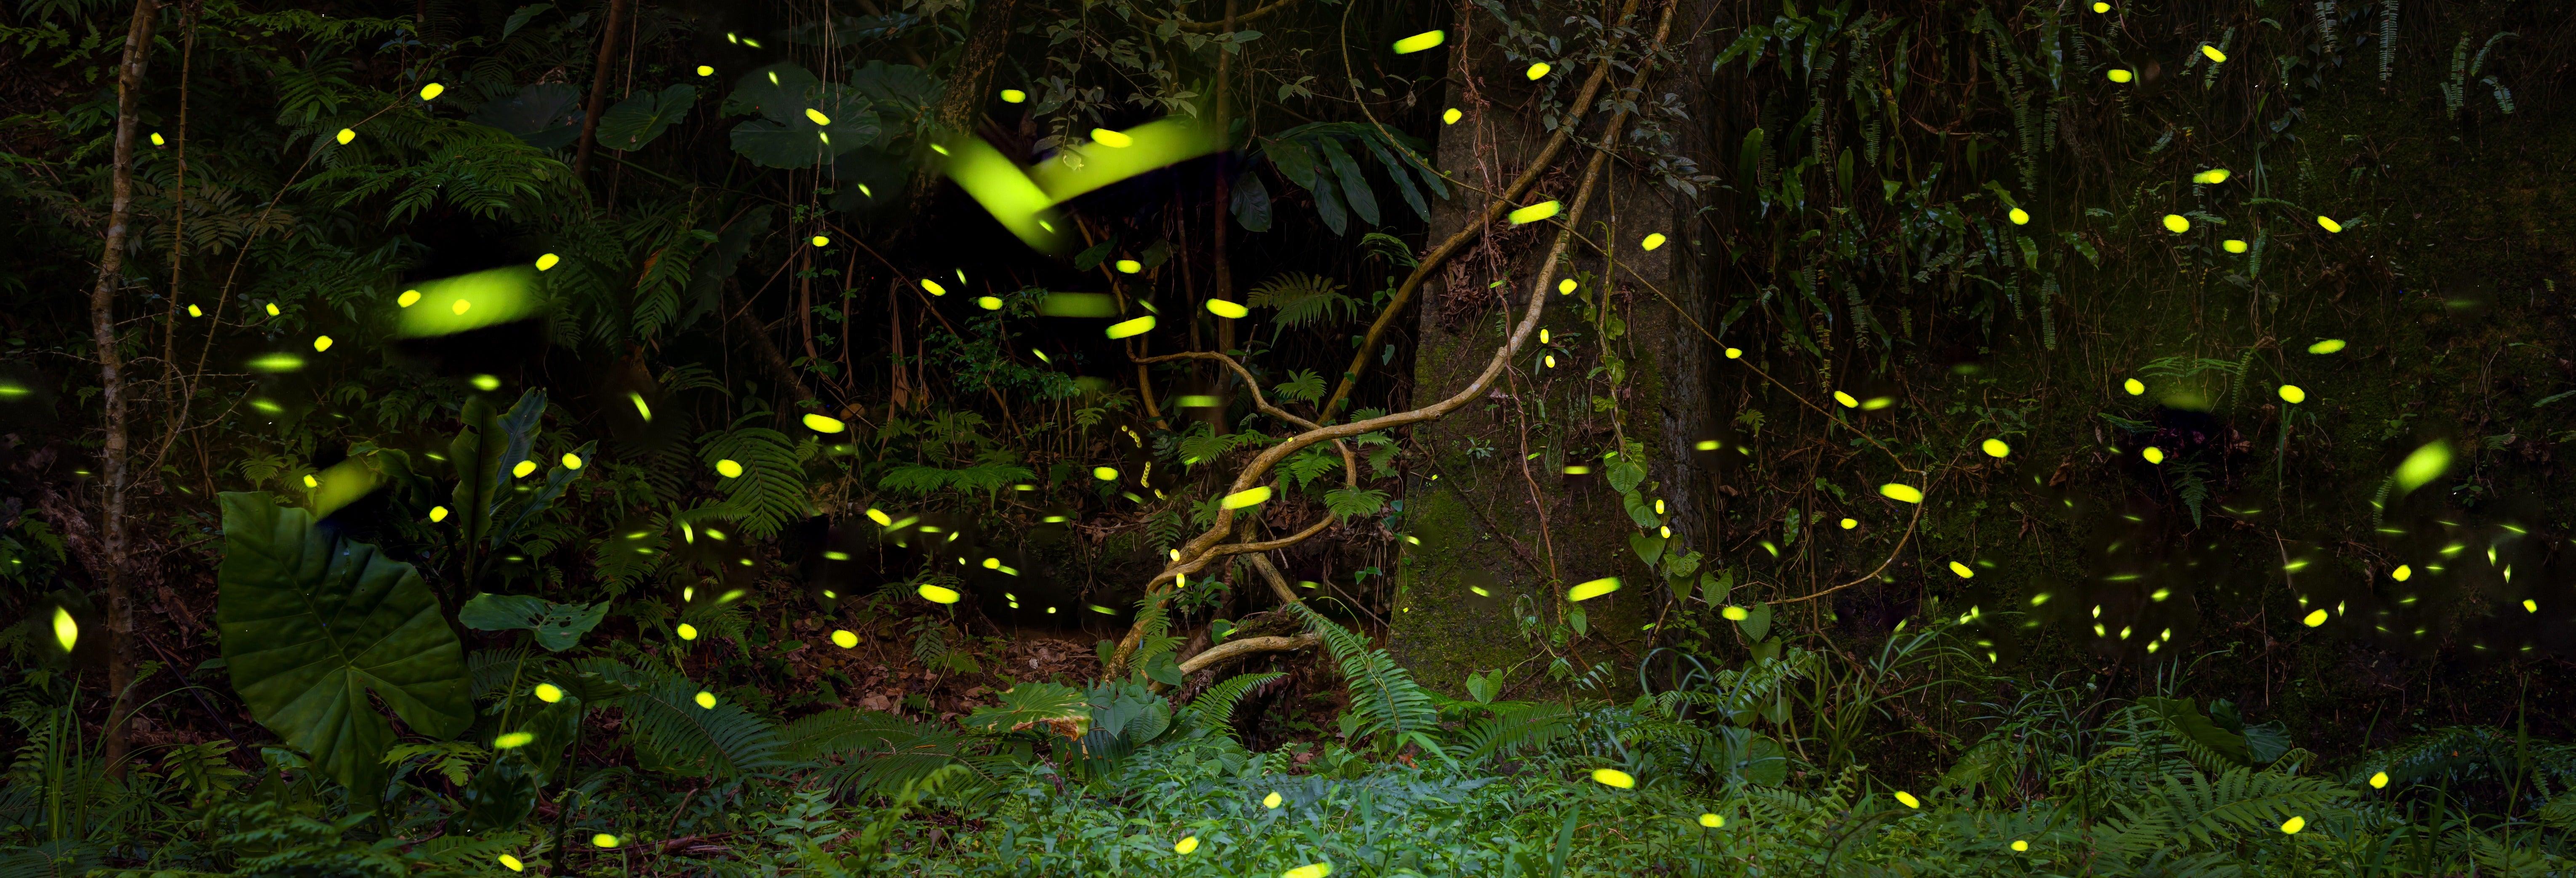 Tirolina en la presa de Umécuaro + Avistamiento de luciérnagas